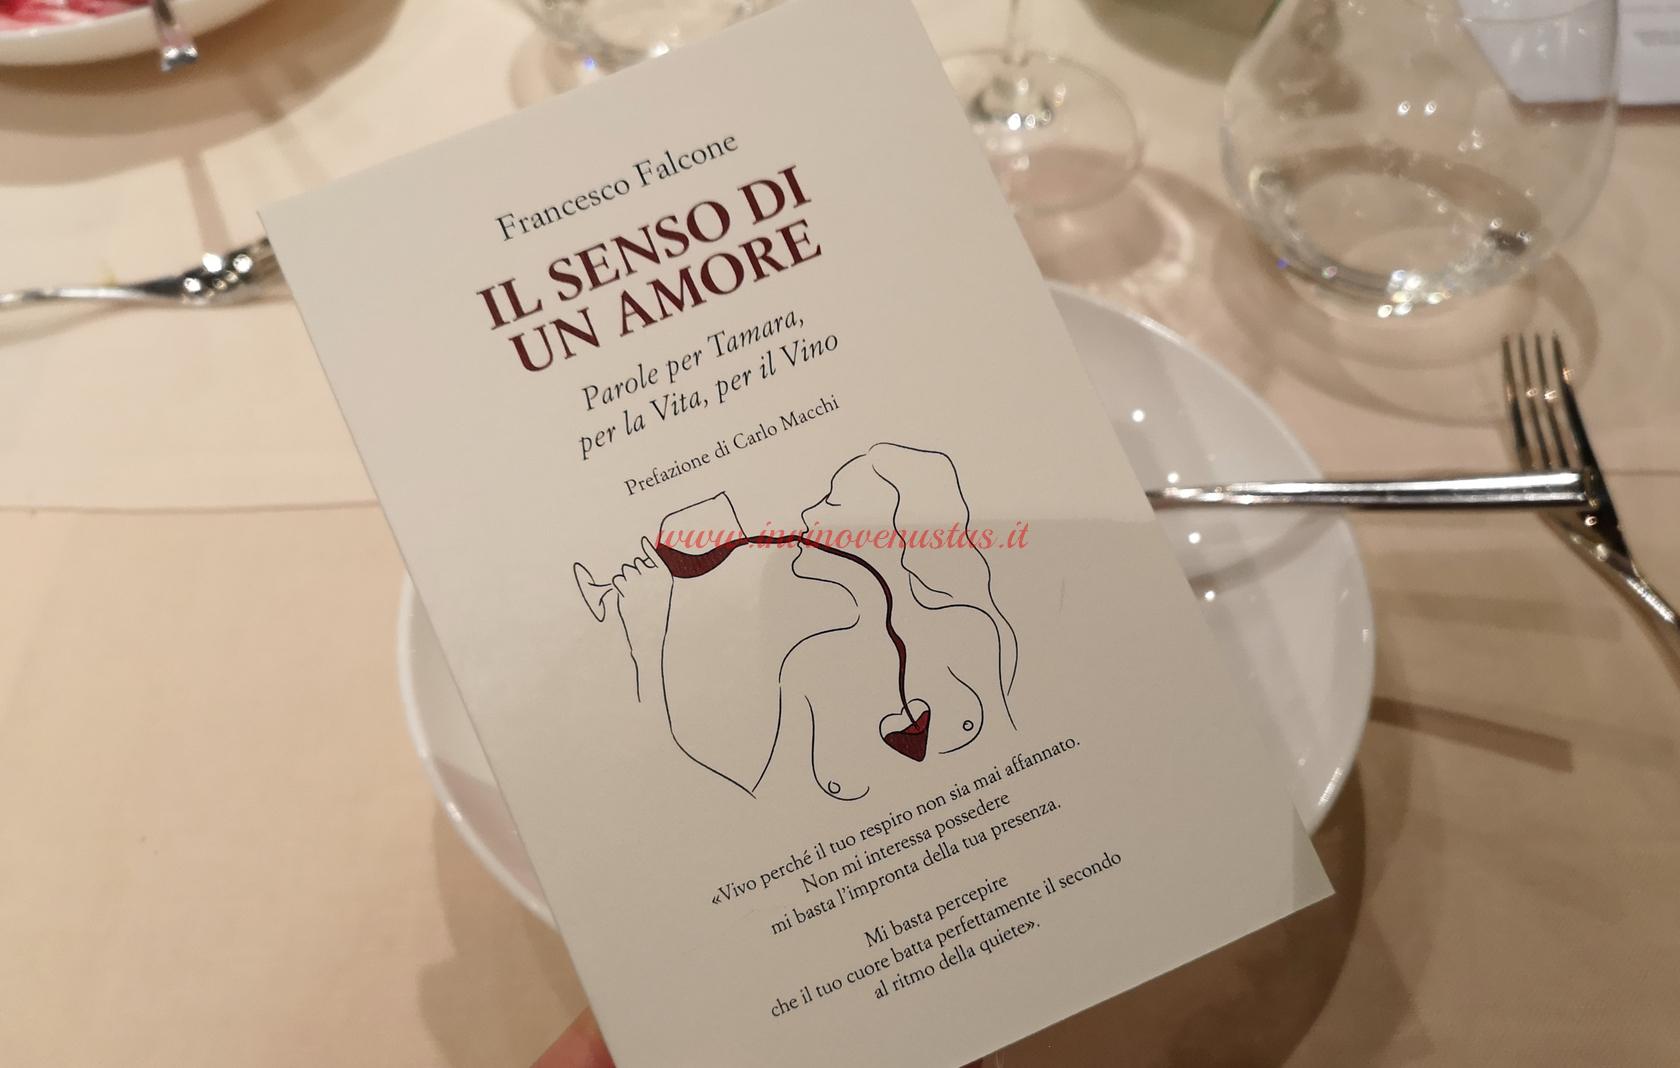 Il senso di un amore Francesco Falcone